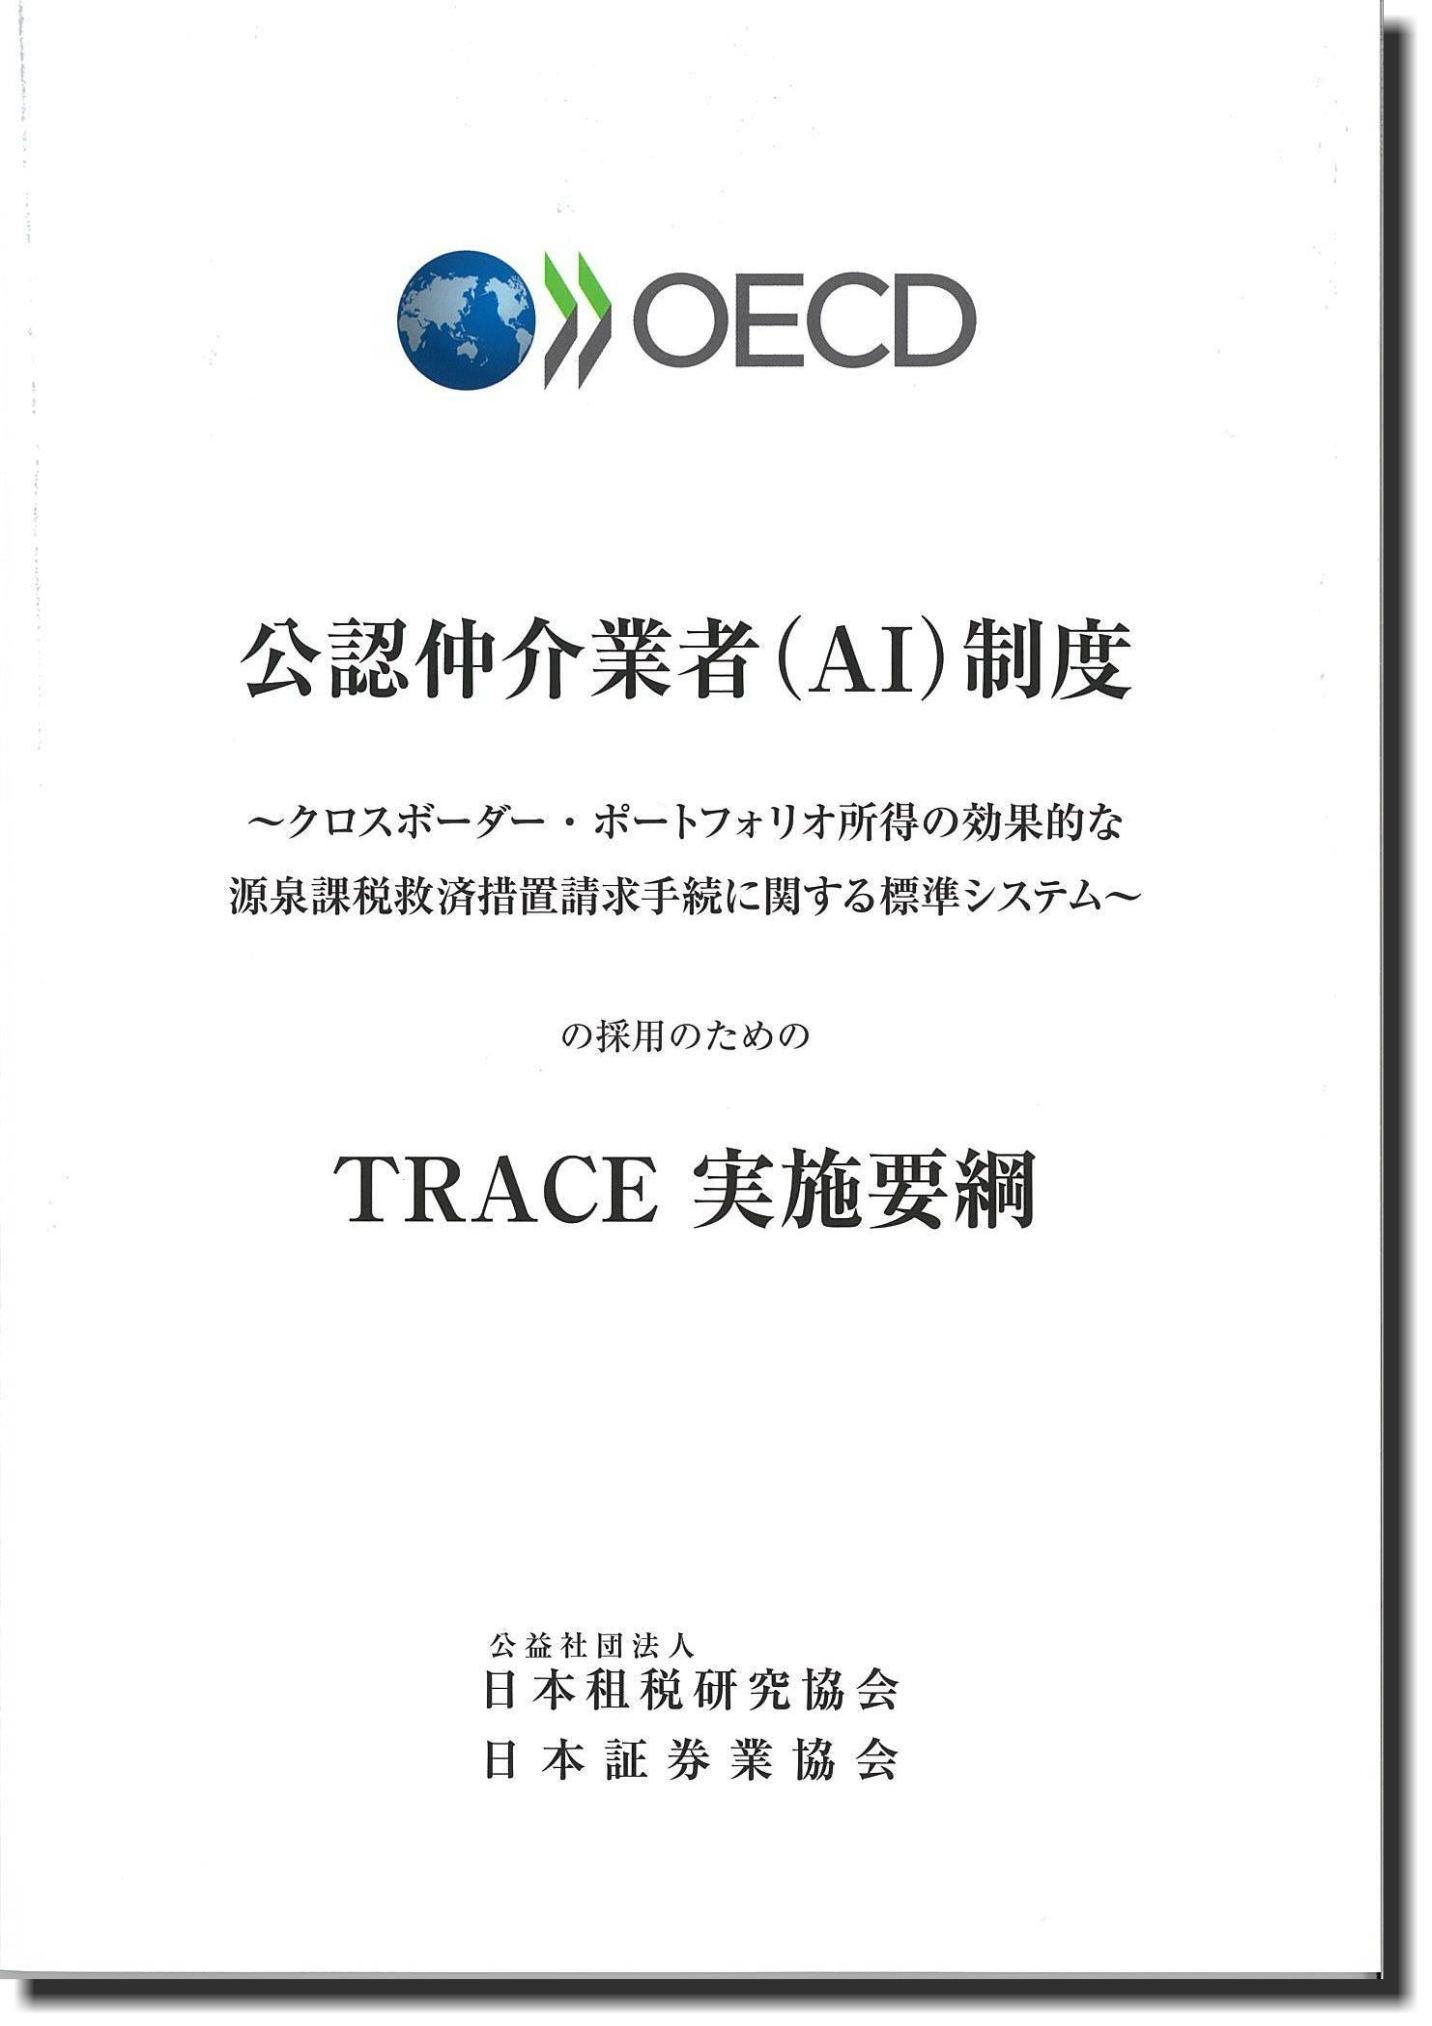 OECD 公認仲介業者(AI)制度 〜クロスボーダー・ポートフォリオ所得の効果的な源泉課税救済措置請求手続きに関する標準システム〜